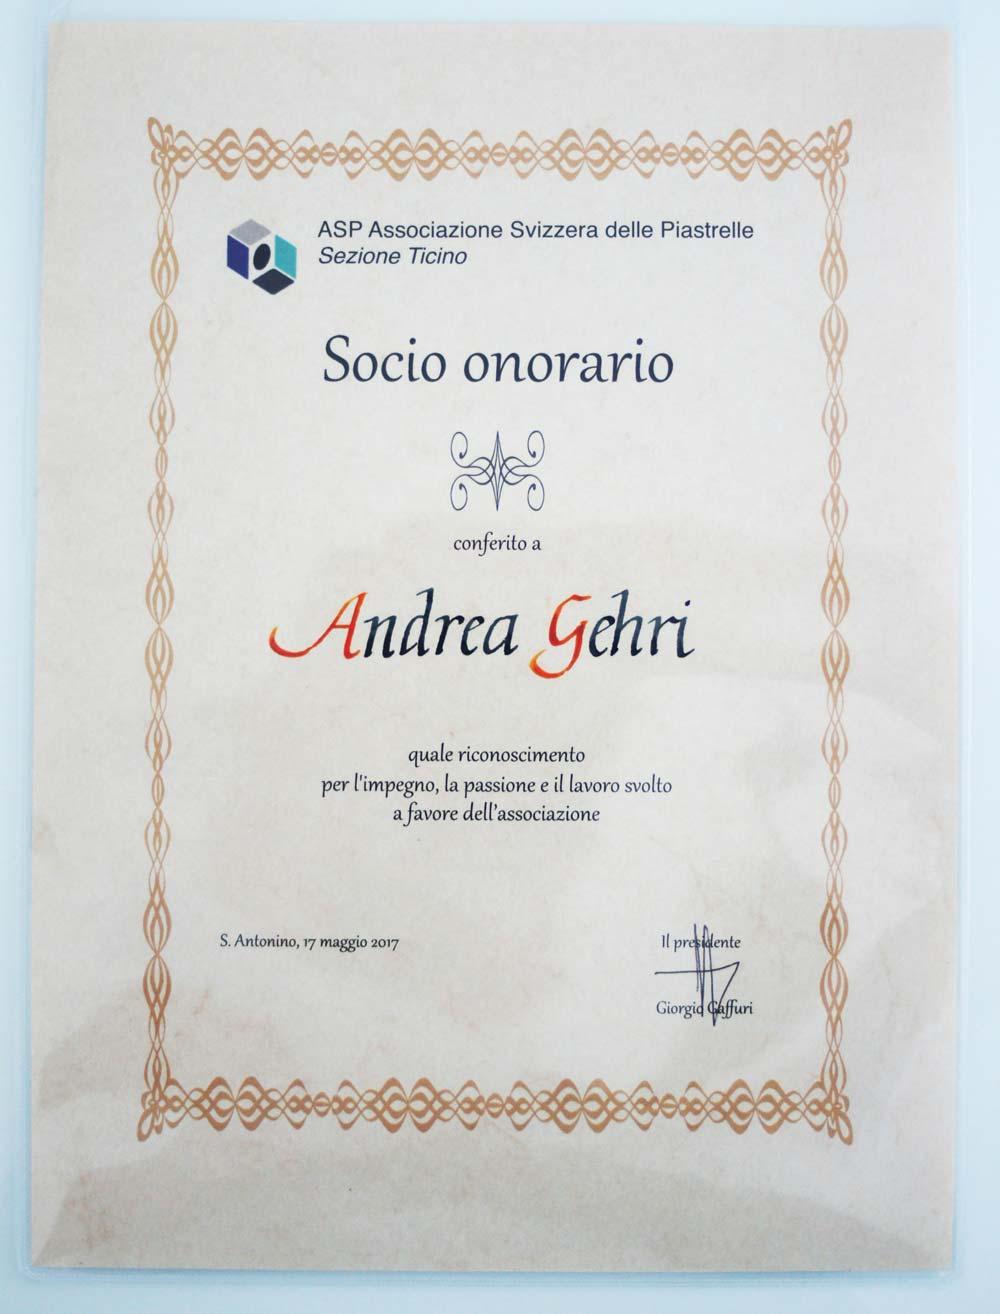 Attestato-socio-onorario-ASP-Ticino.jpg